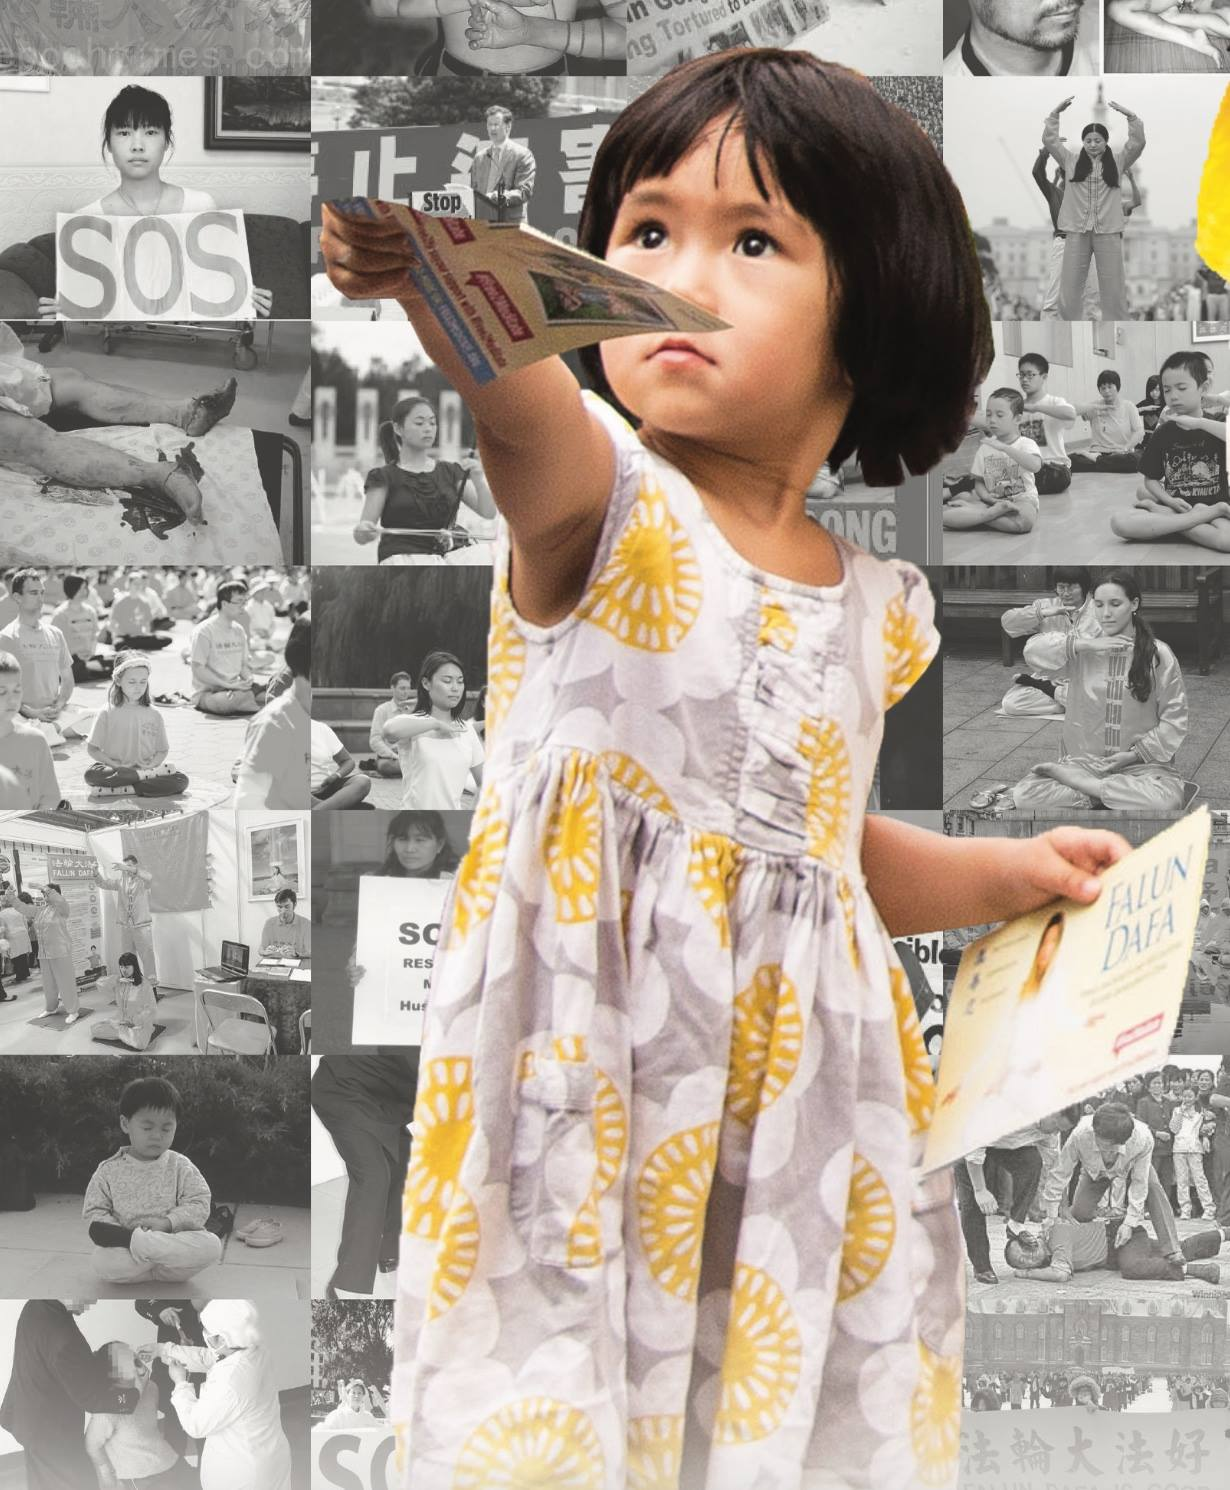 A young Falun Dafa (falundafa.org) disciple handling out a fly. 一名小法輪功學員在發傳單。圖片來源: 法輪功之友 Friends of FaLun Gong